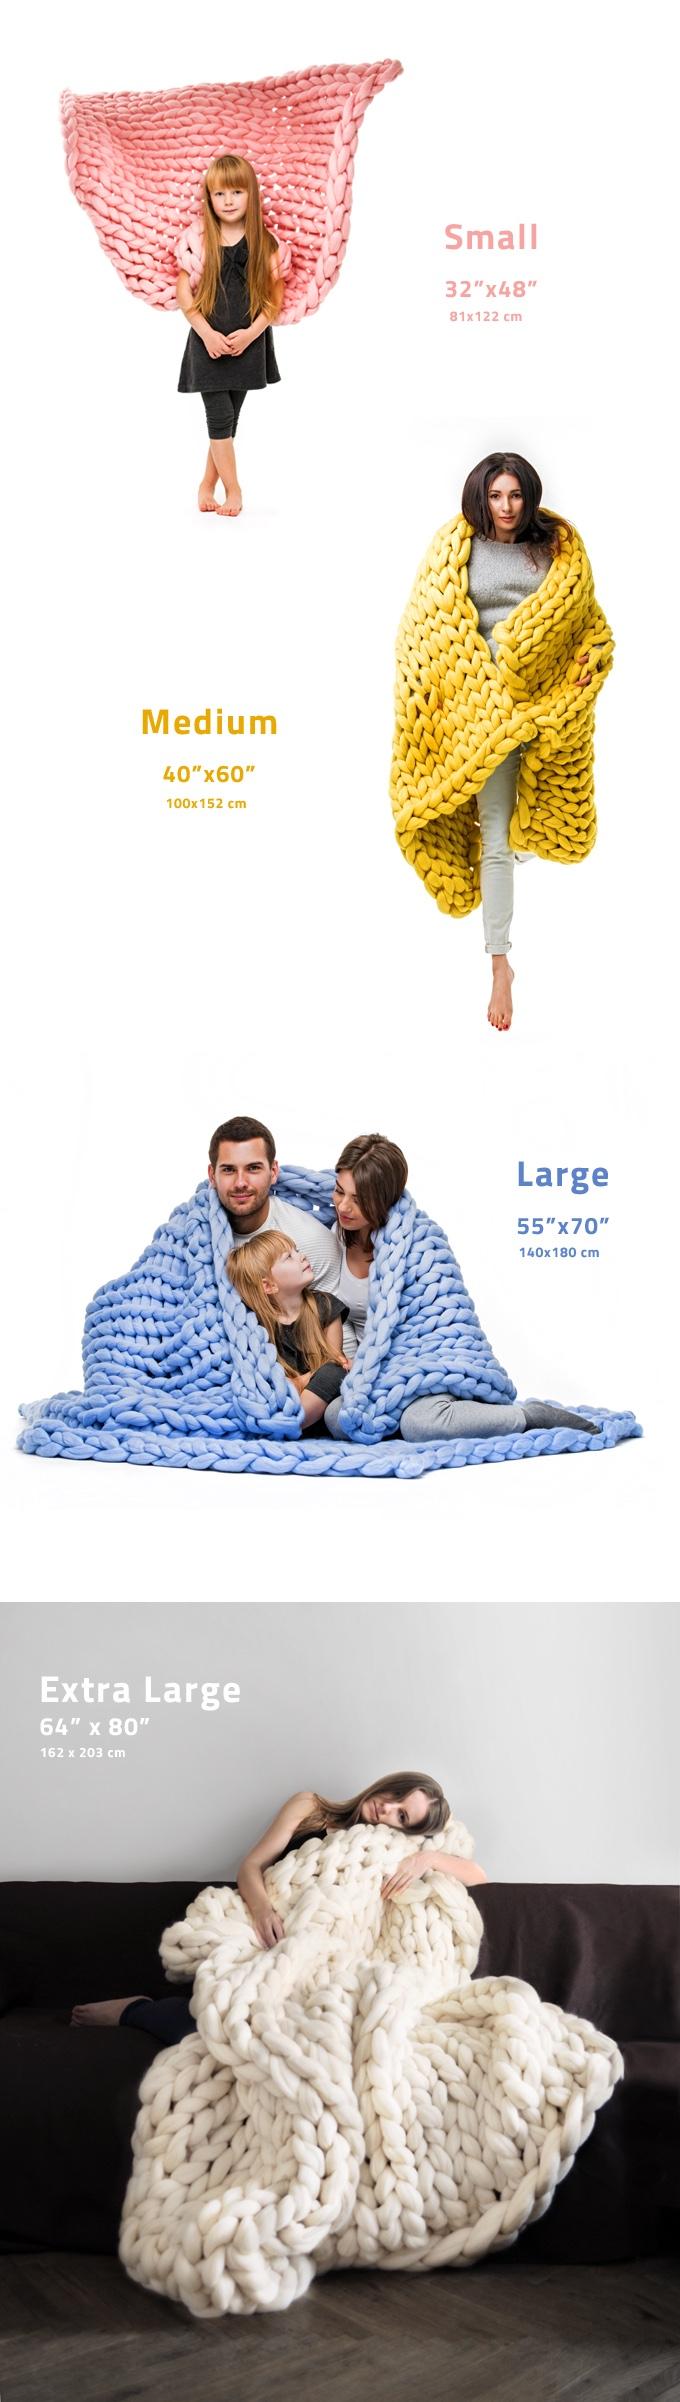 Super soft and smooth blankets   MANTAS GRUESAS   Pinterest   Manta ...